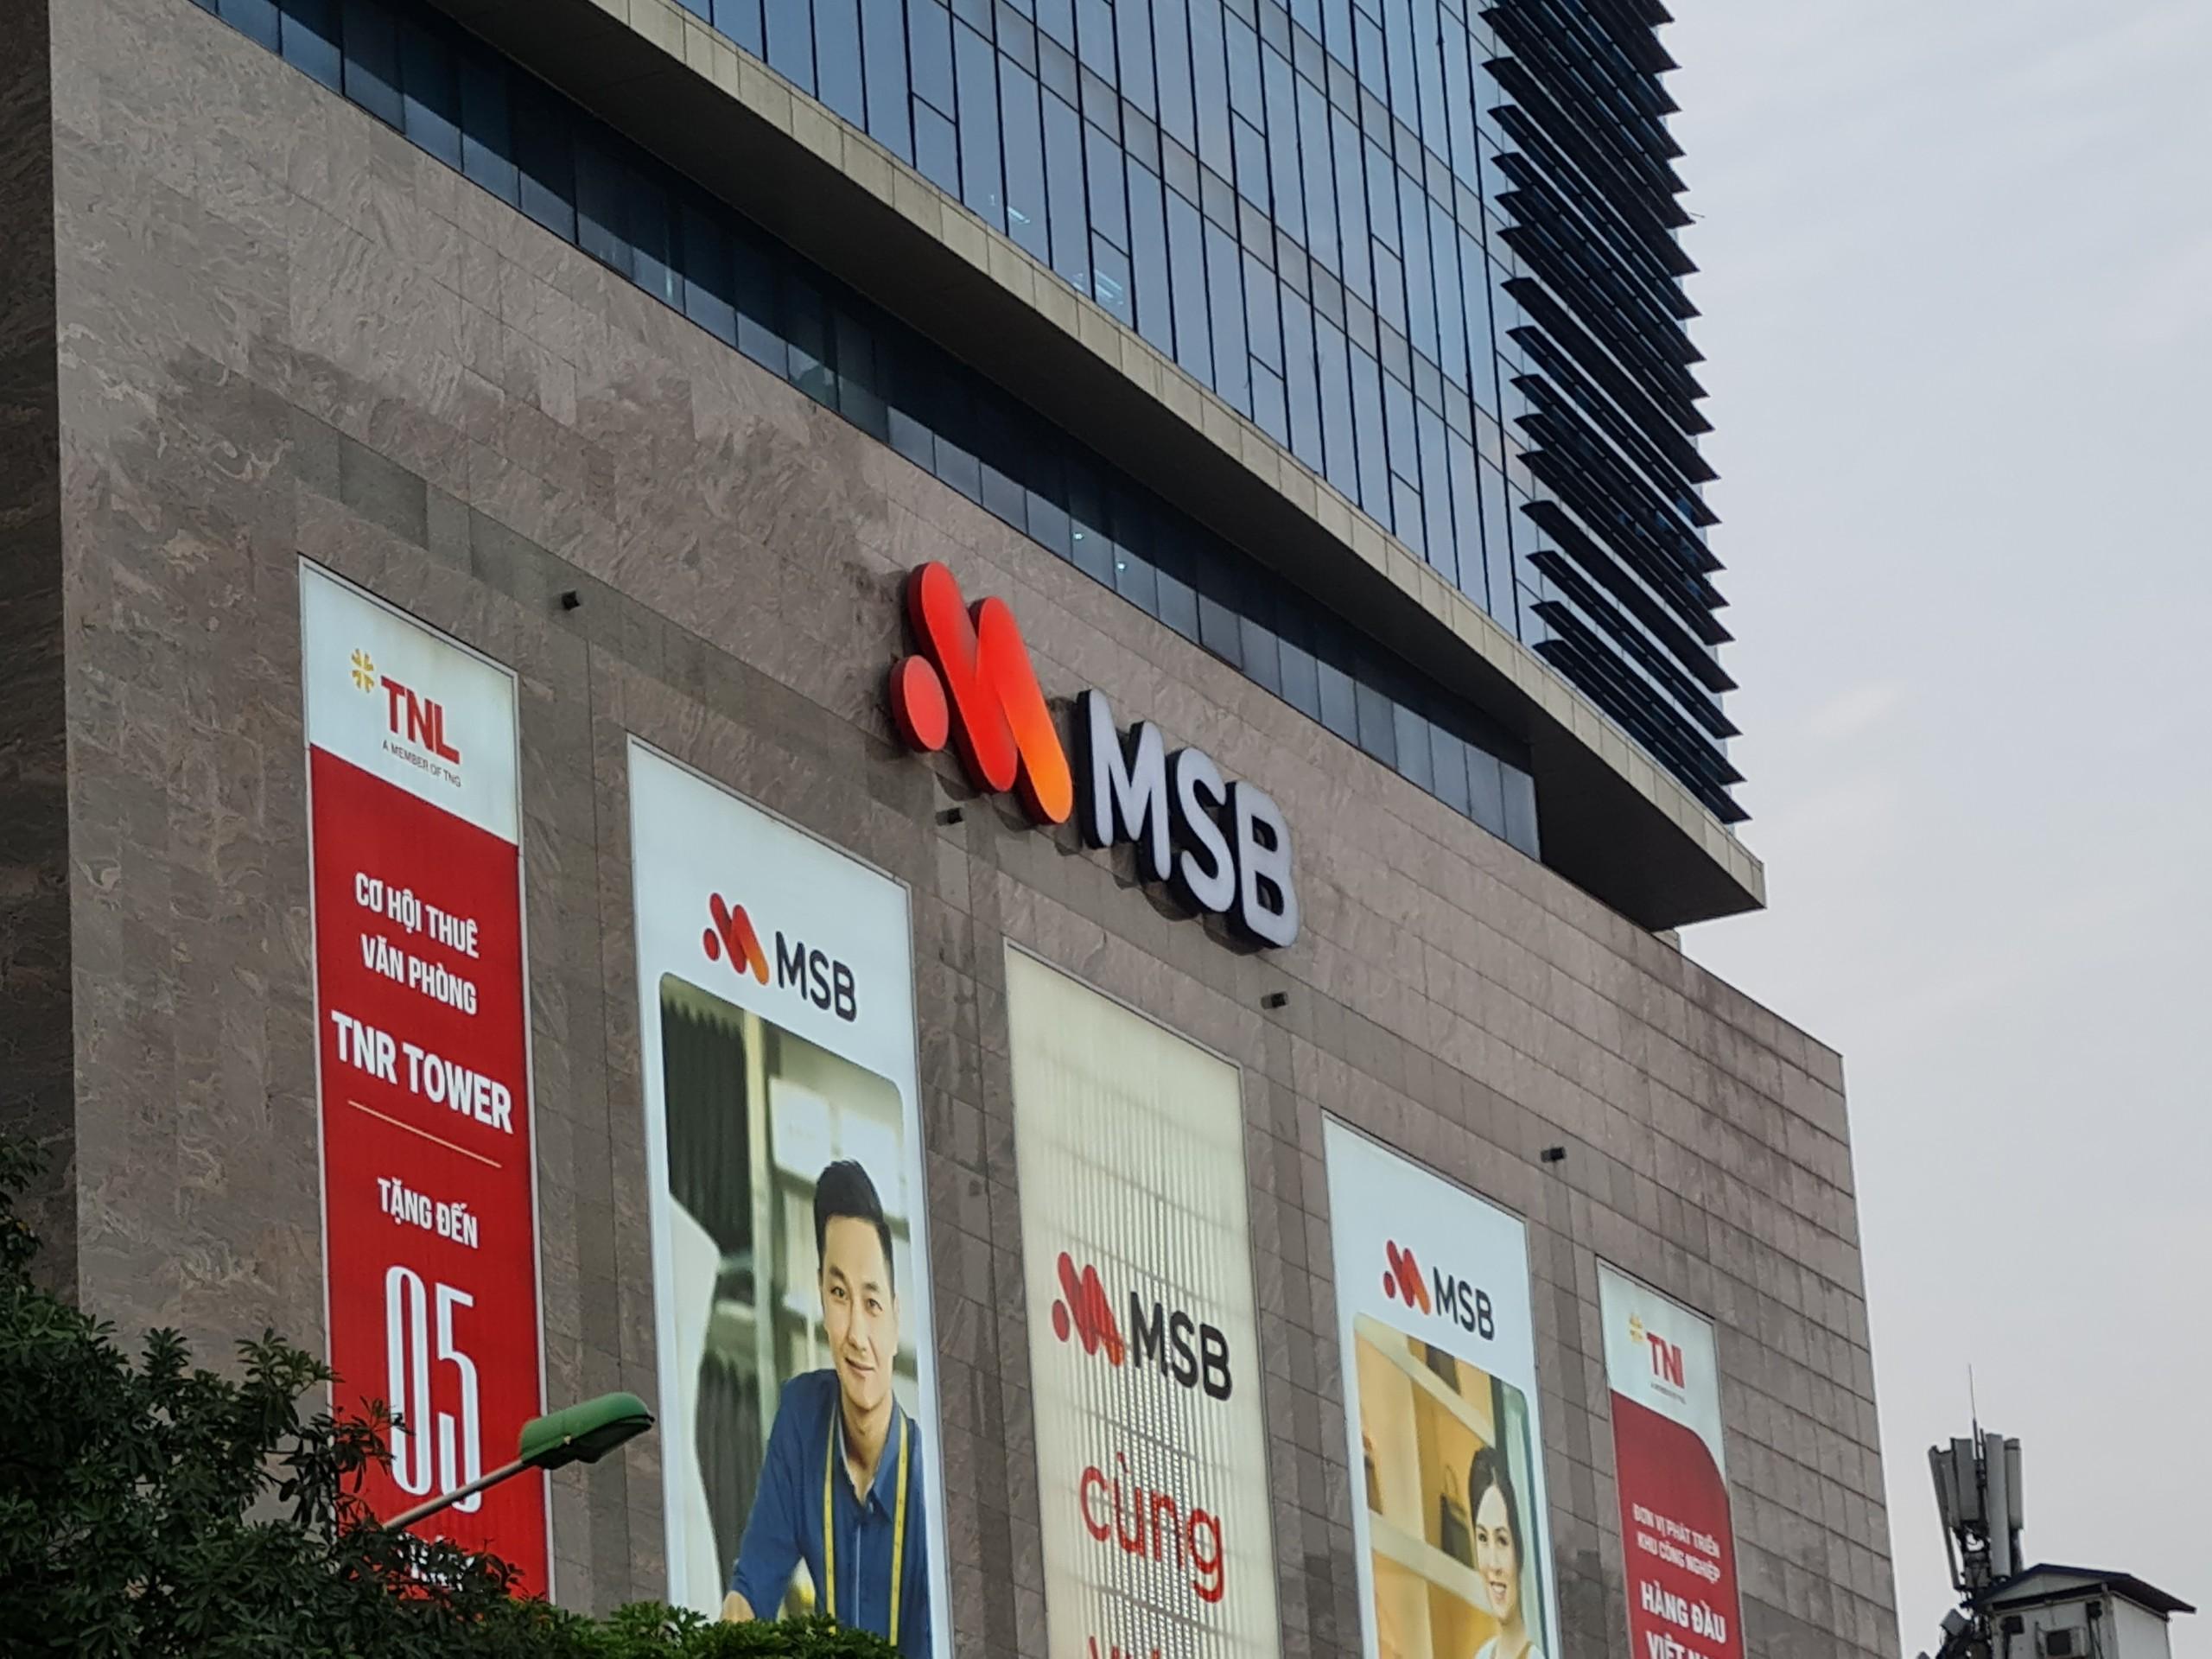 DATC đã thoái gần hết vốn tại MSB sau gần 2 năm - Ảnh 1.